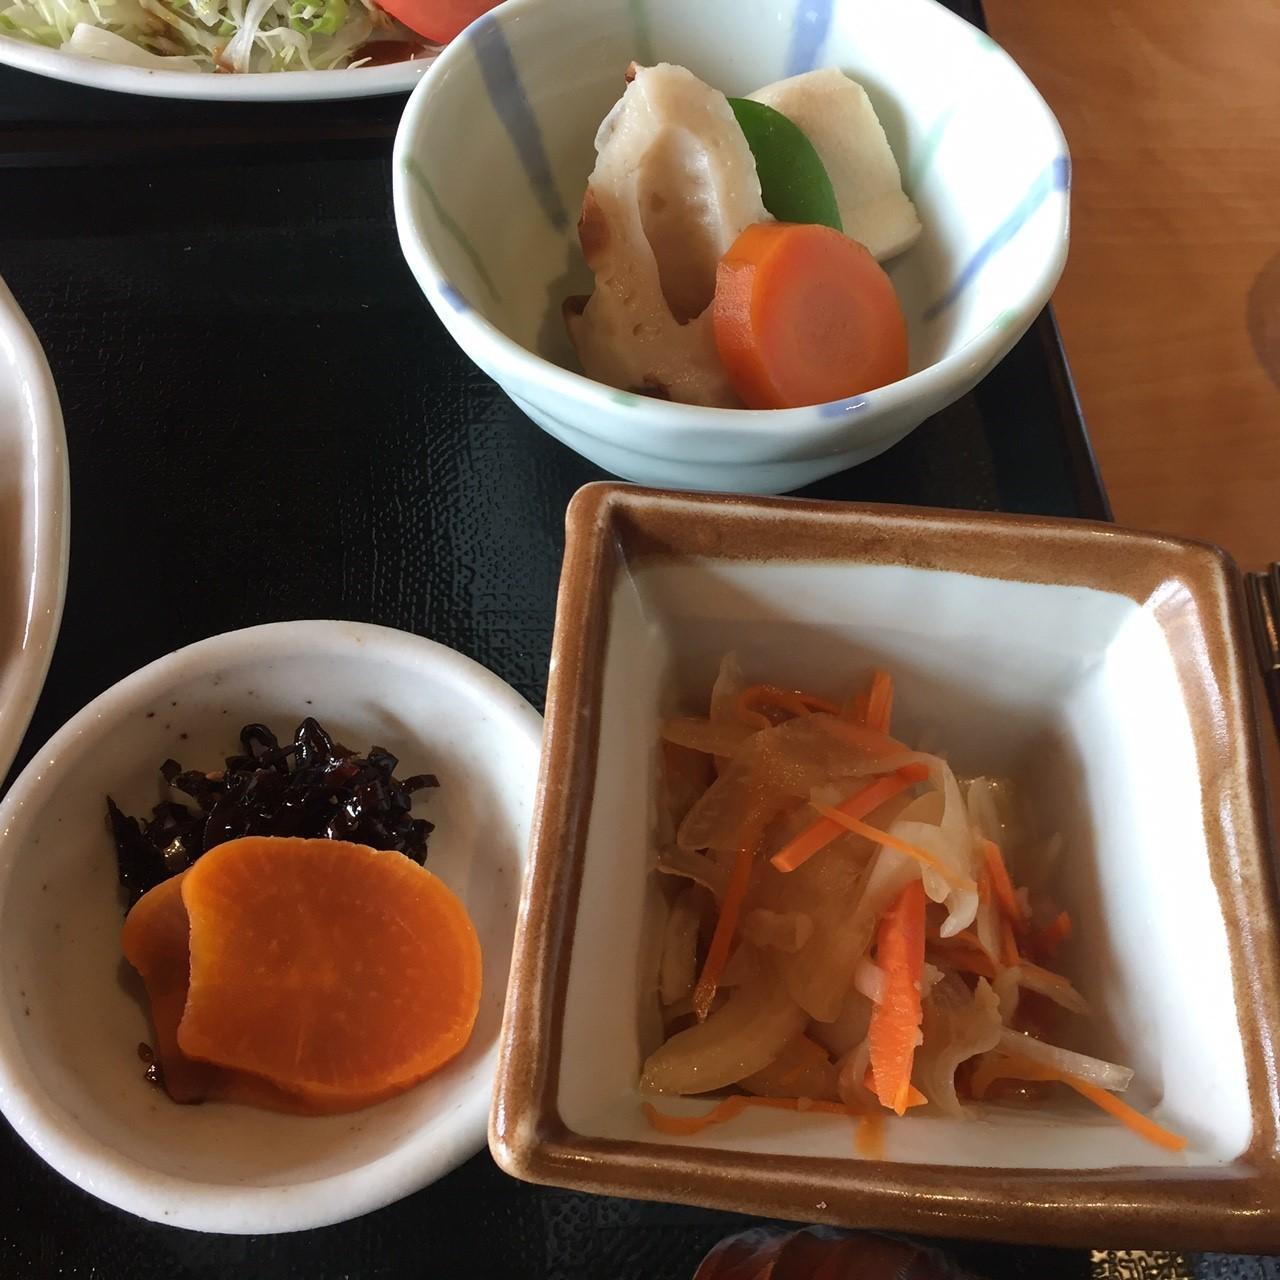 御食事処 ごきげん食堂  @道の駅かわはら_e0115904_16400379.jpg